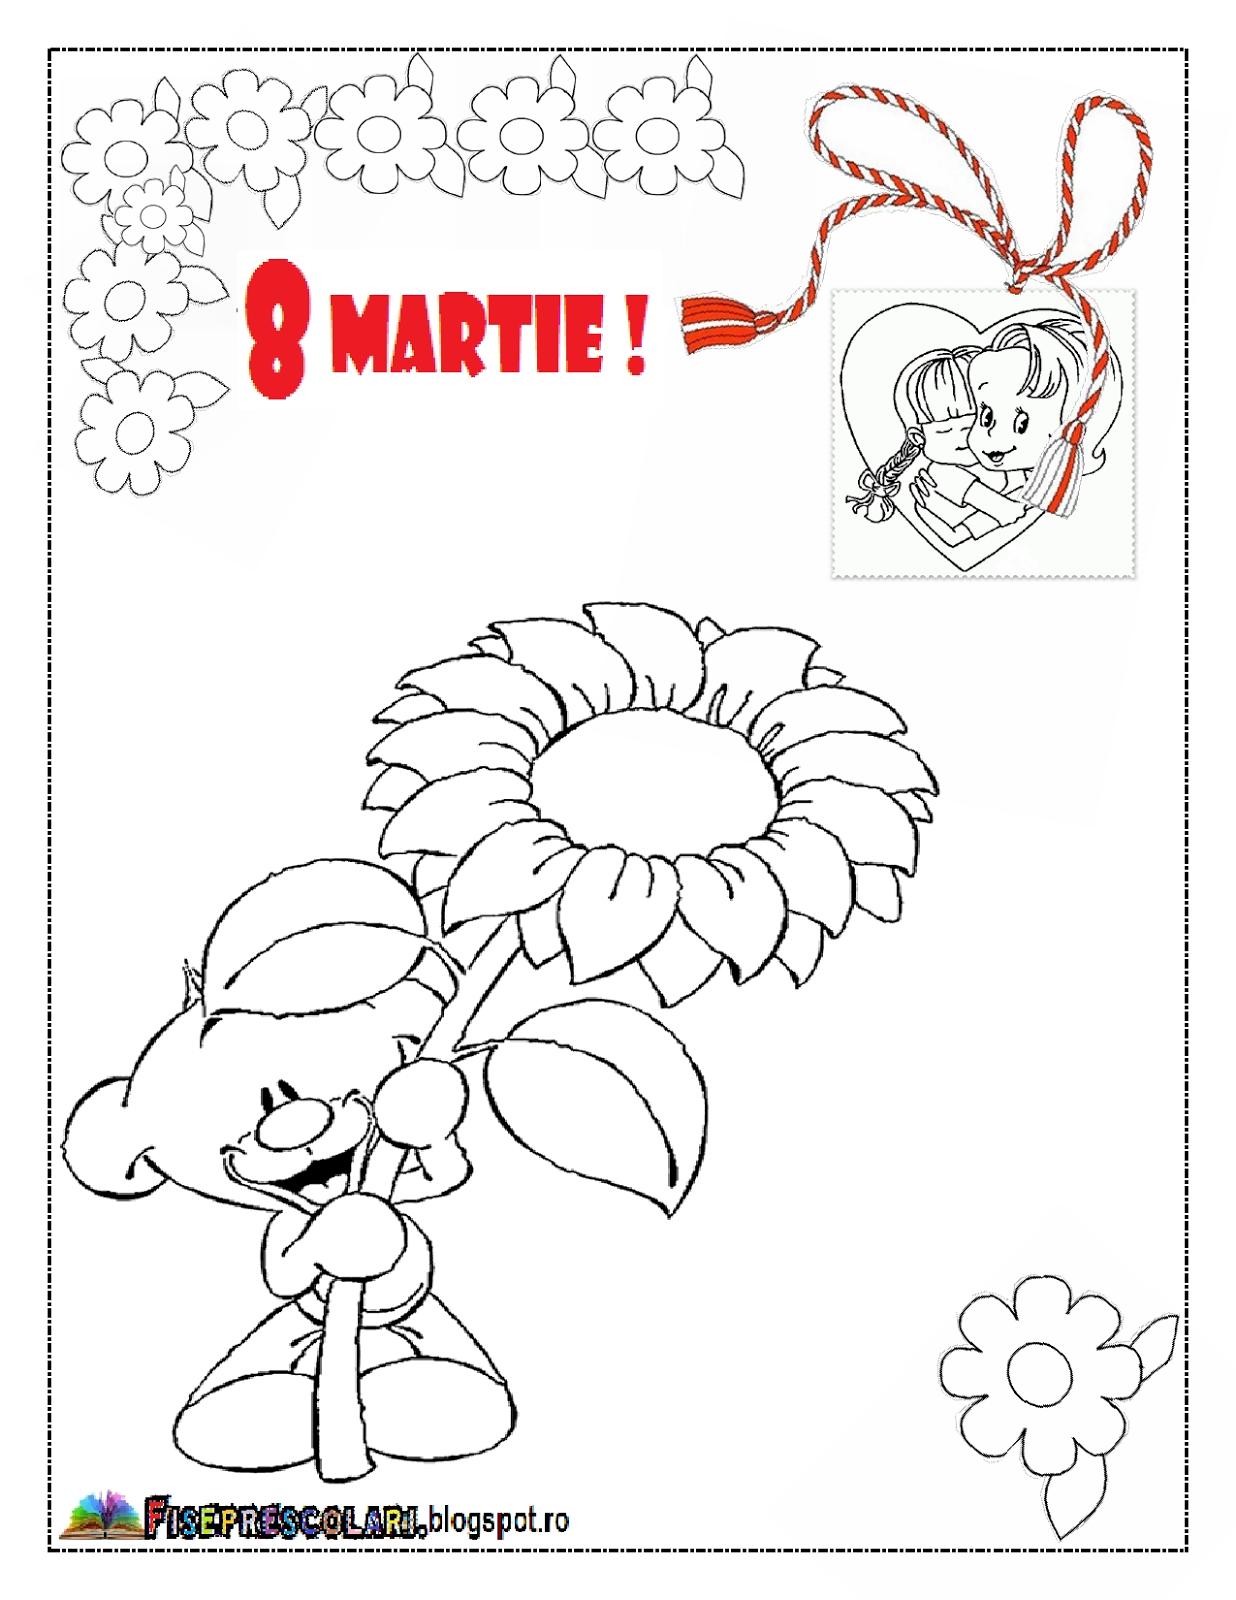 Imagini De Colorat Pentru 8 Martie Planse De Colorat